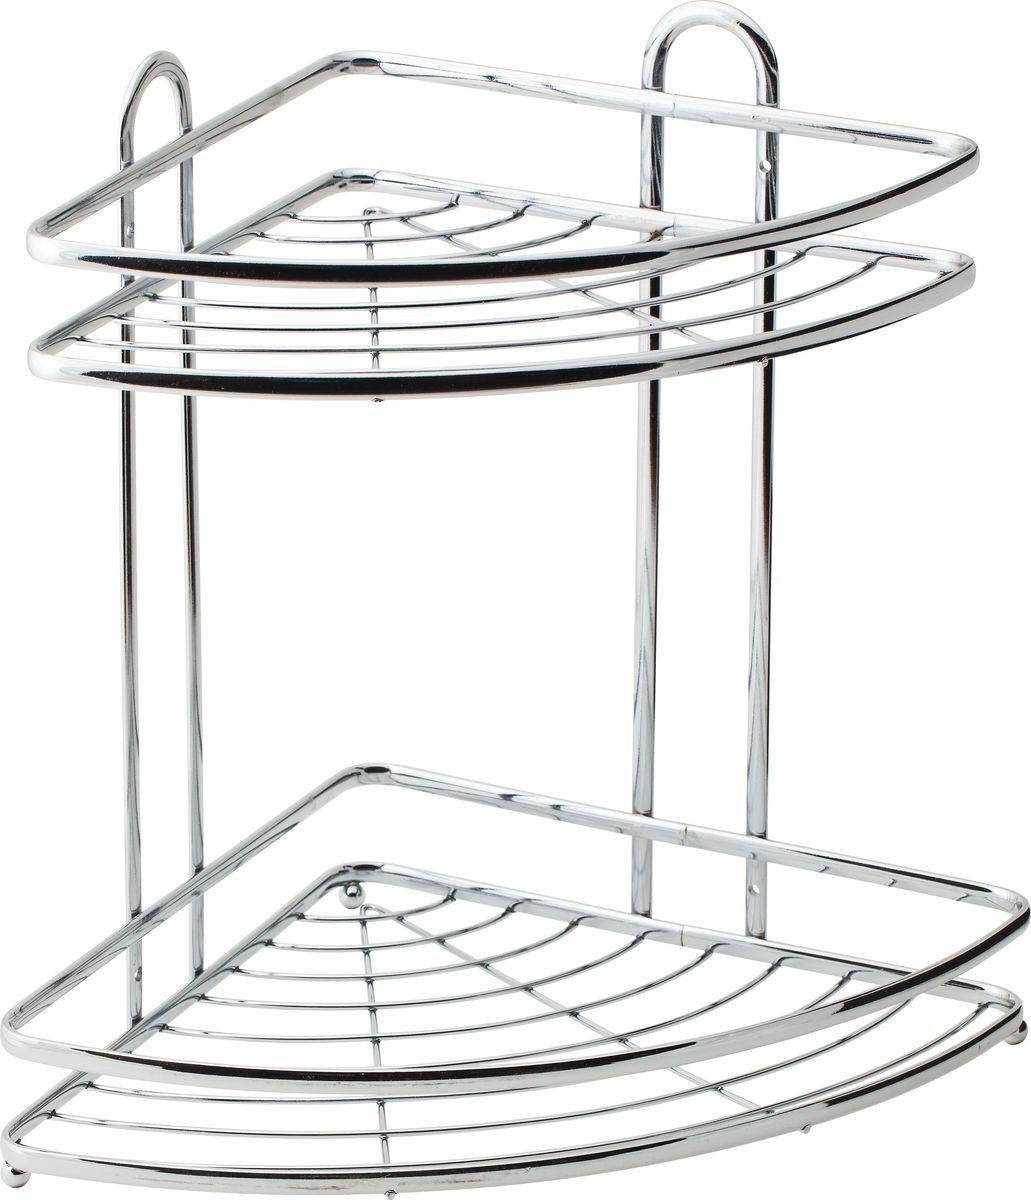 Полка для ванной Swensa, 2-ярусная, угловая, цвет: хром, 21 х 21 х 34 см98299571Угловая подвесная полка для ванной Swensa, выполненная из стали и покрытая хромо-никелиевым напылением, является прекрасным решением для организации пространства в ванной комнате. Полка подвешивается с помощью саморезов, которые входят в комплект. Изделие состоит из 2-х полок, которые предназначены для хранения ваших средств гигиены и ухода.Благодаря оптимальным размерам, полка впишется в интерьер вашего дома, а также позволит удобно и практично хранить предметы домашнего обихода.